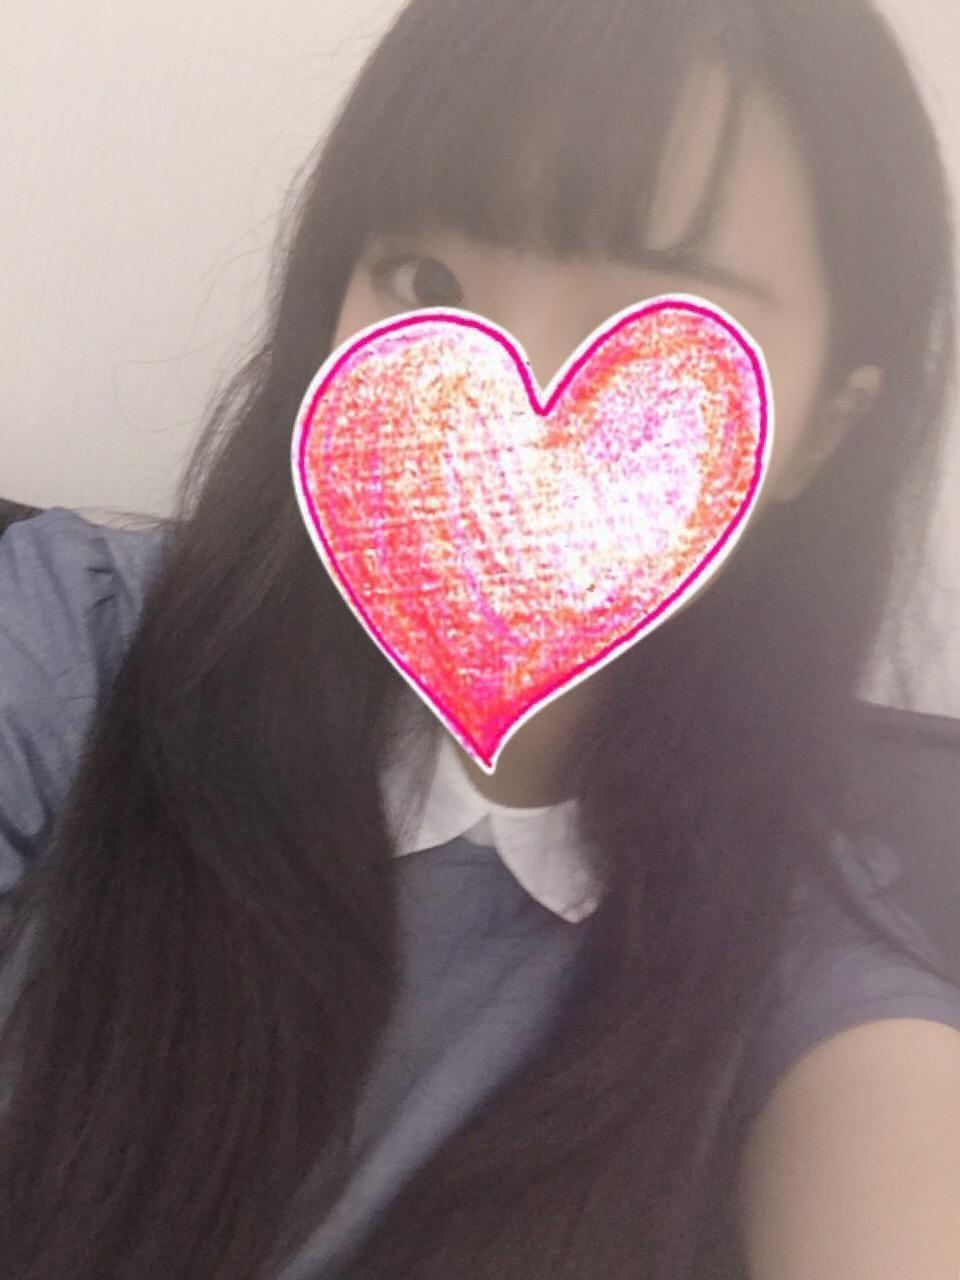 「こんにちは^_^」09/04(09/04) 18:46   まり(ナース)の写メ・風俗動画